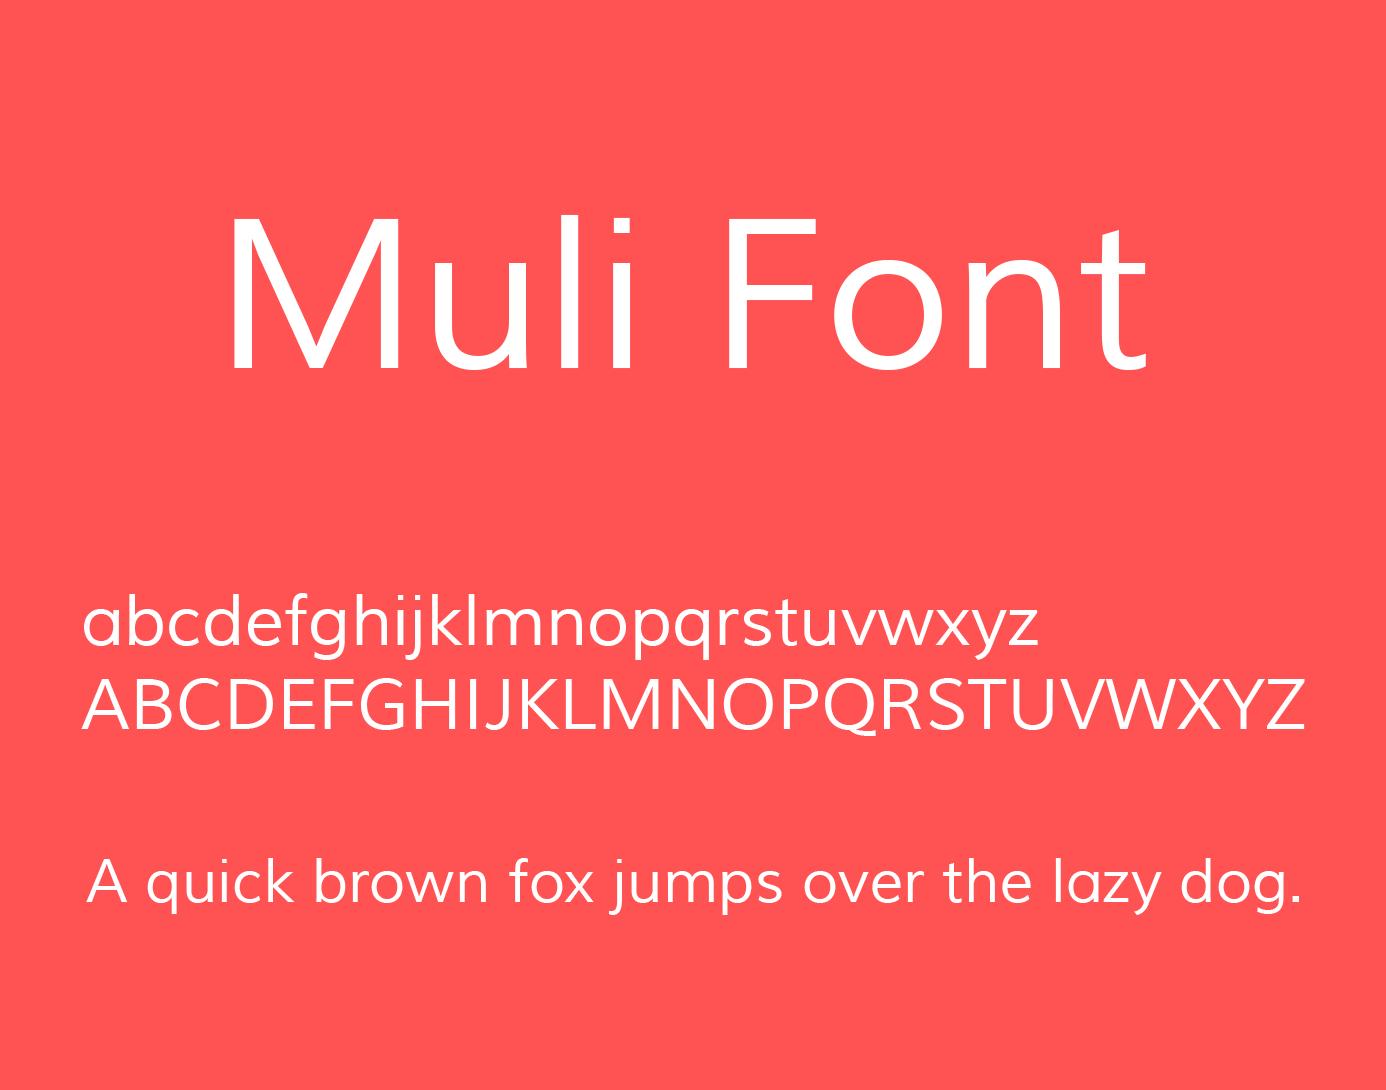 muli-font-style